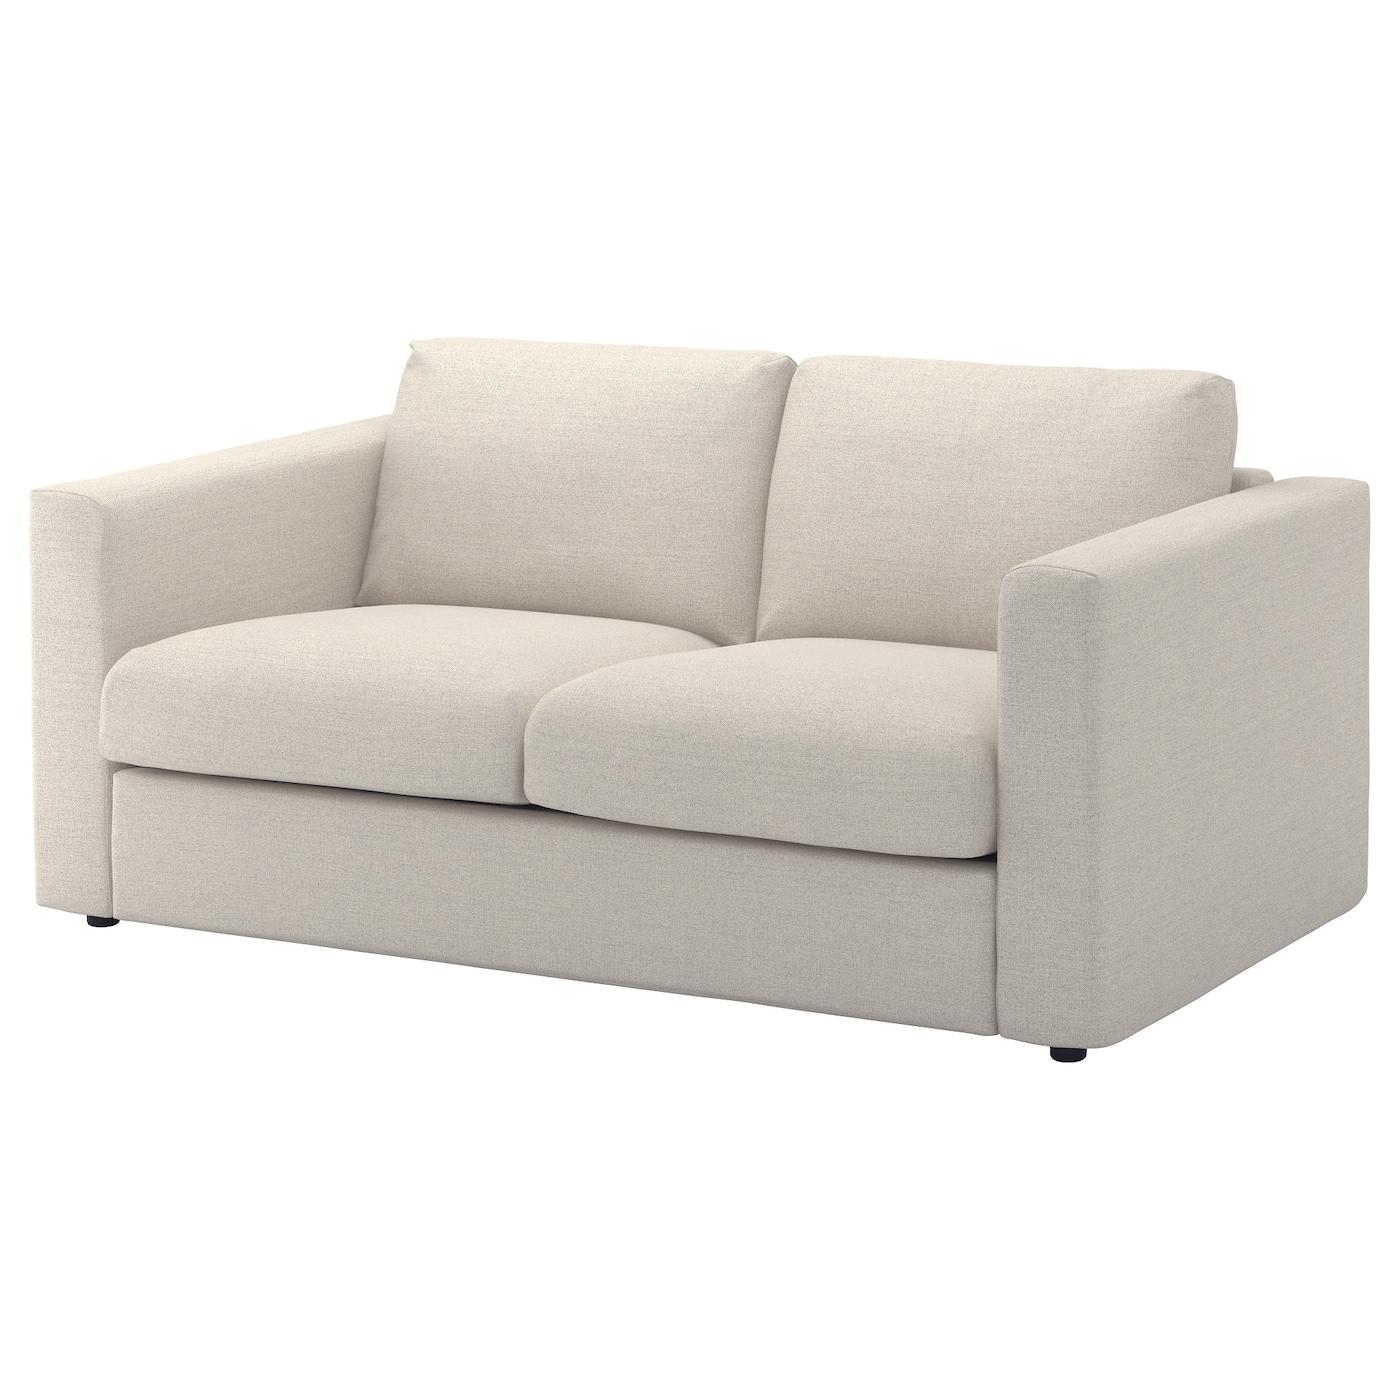 IKEA VIMLE Sofa 2-osobowa, Gunnared beżowy